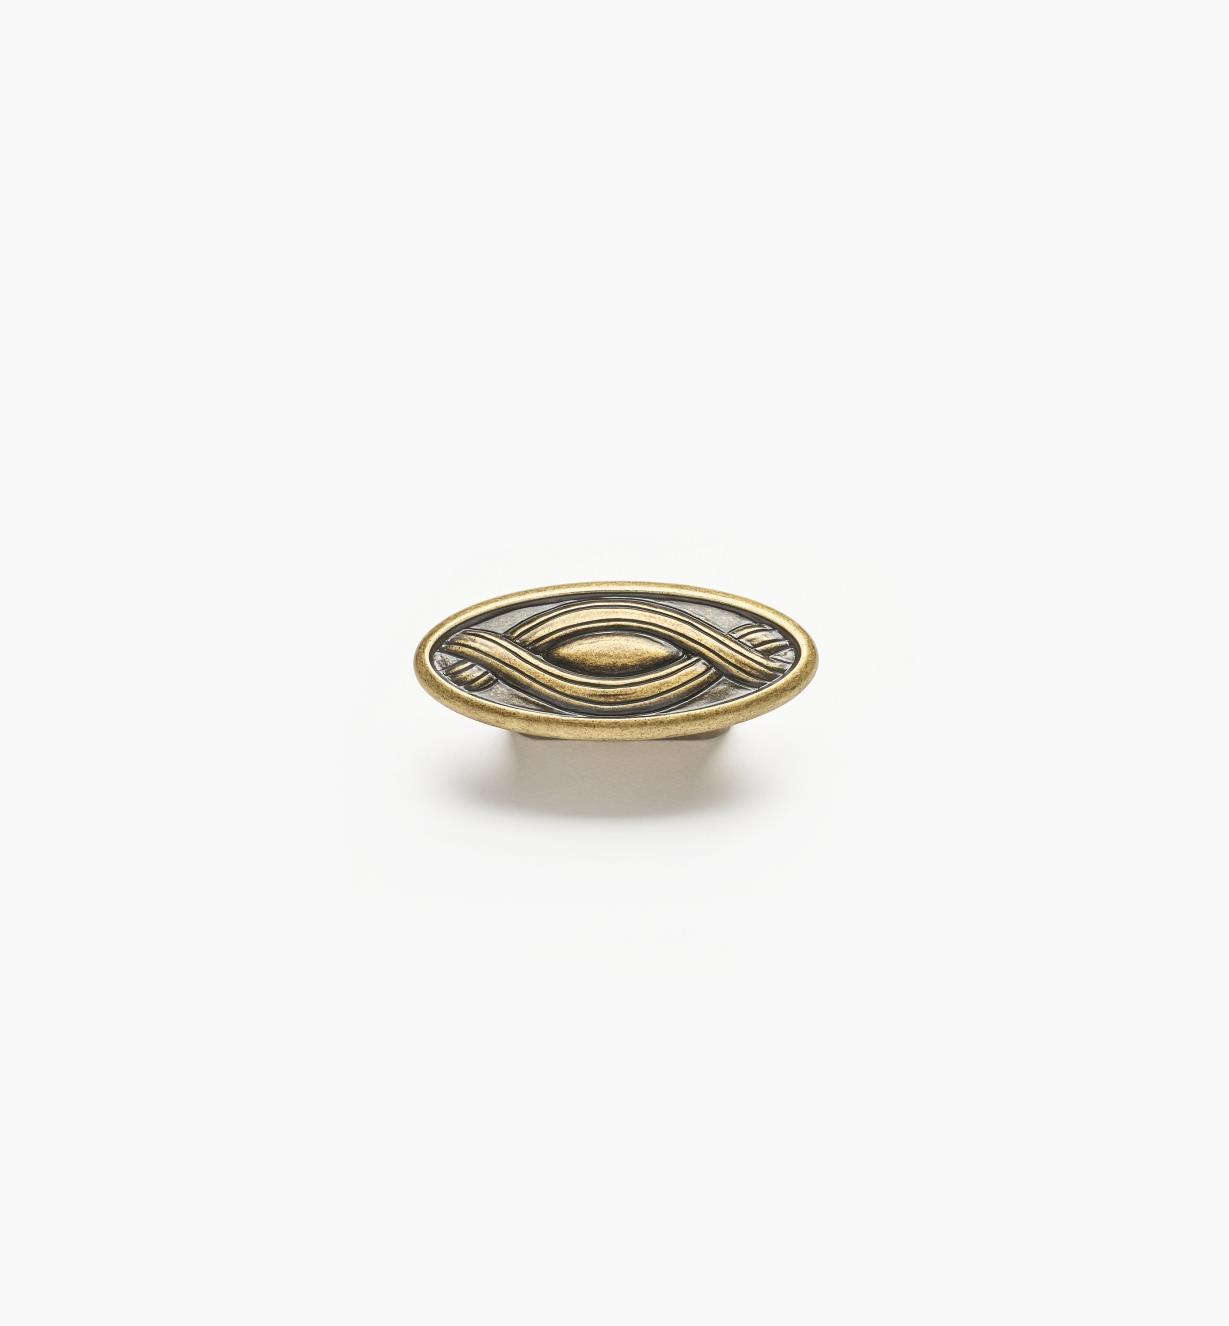 01A2963 - Bouton rubané ovale de 2 7/8 po, fini laiton antique (32 mm)